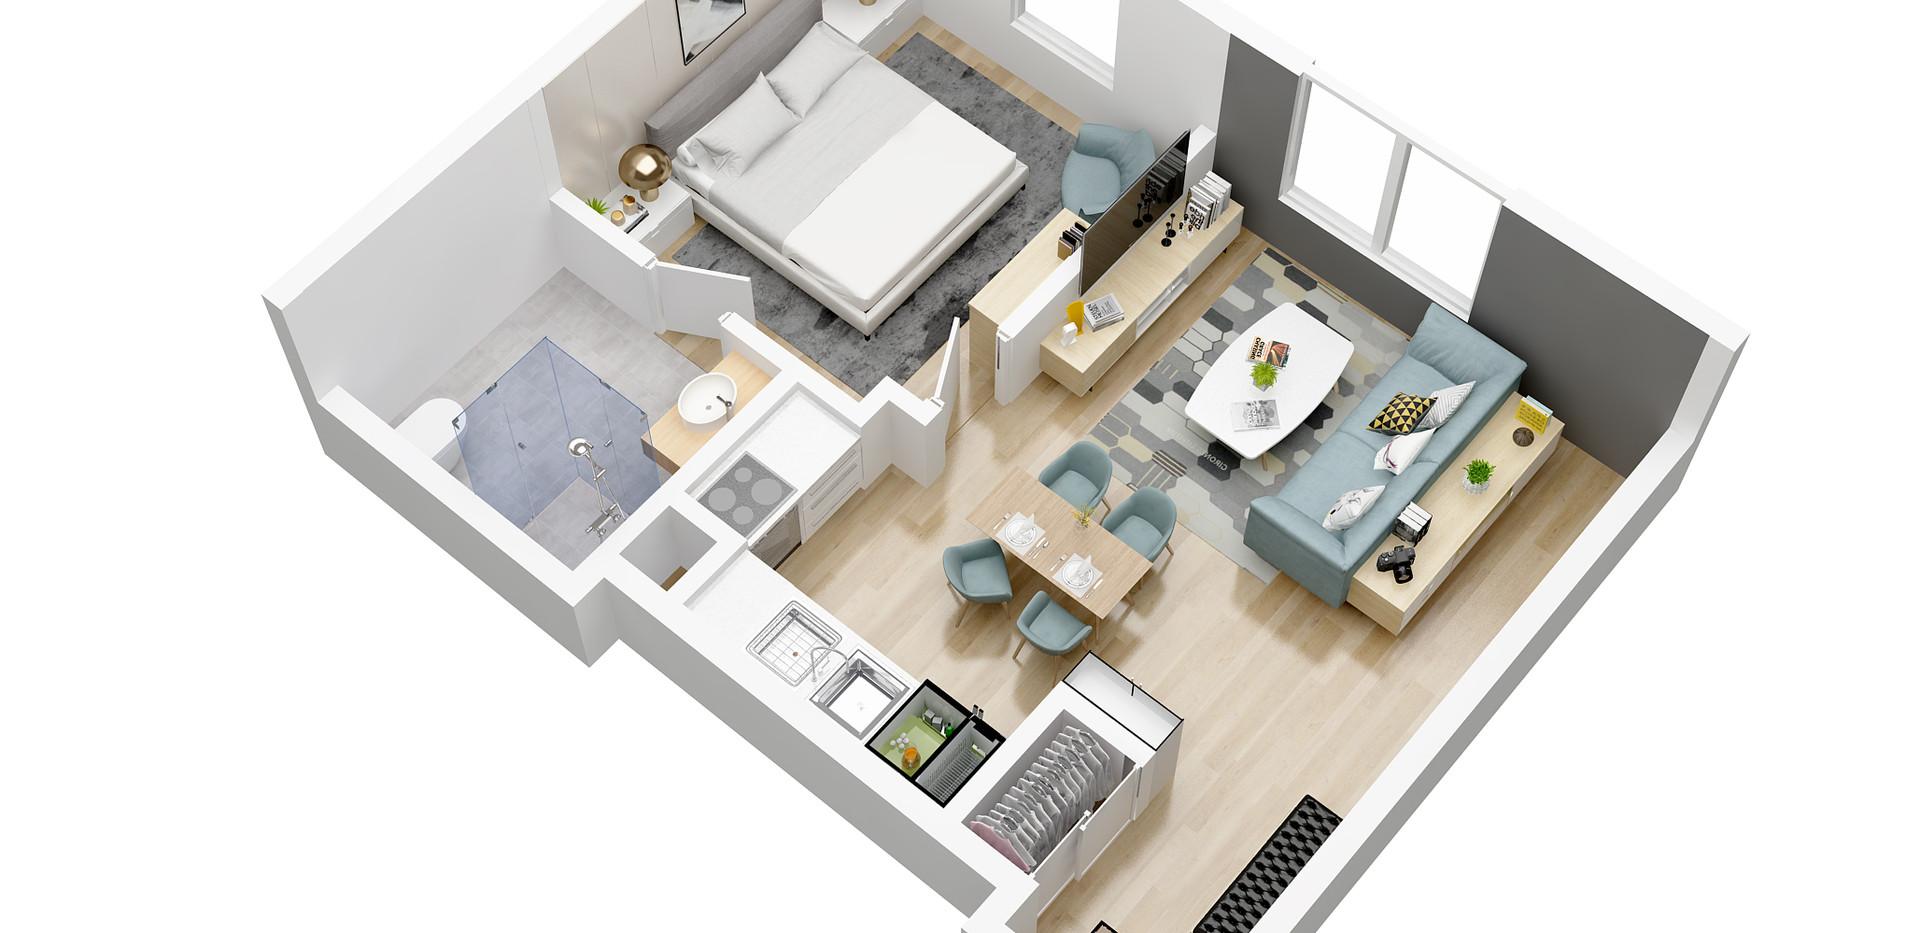 baphdia_floor plan_3D pro floor plan